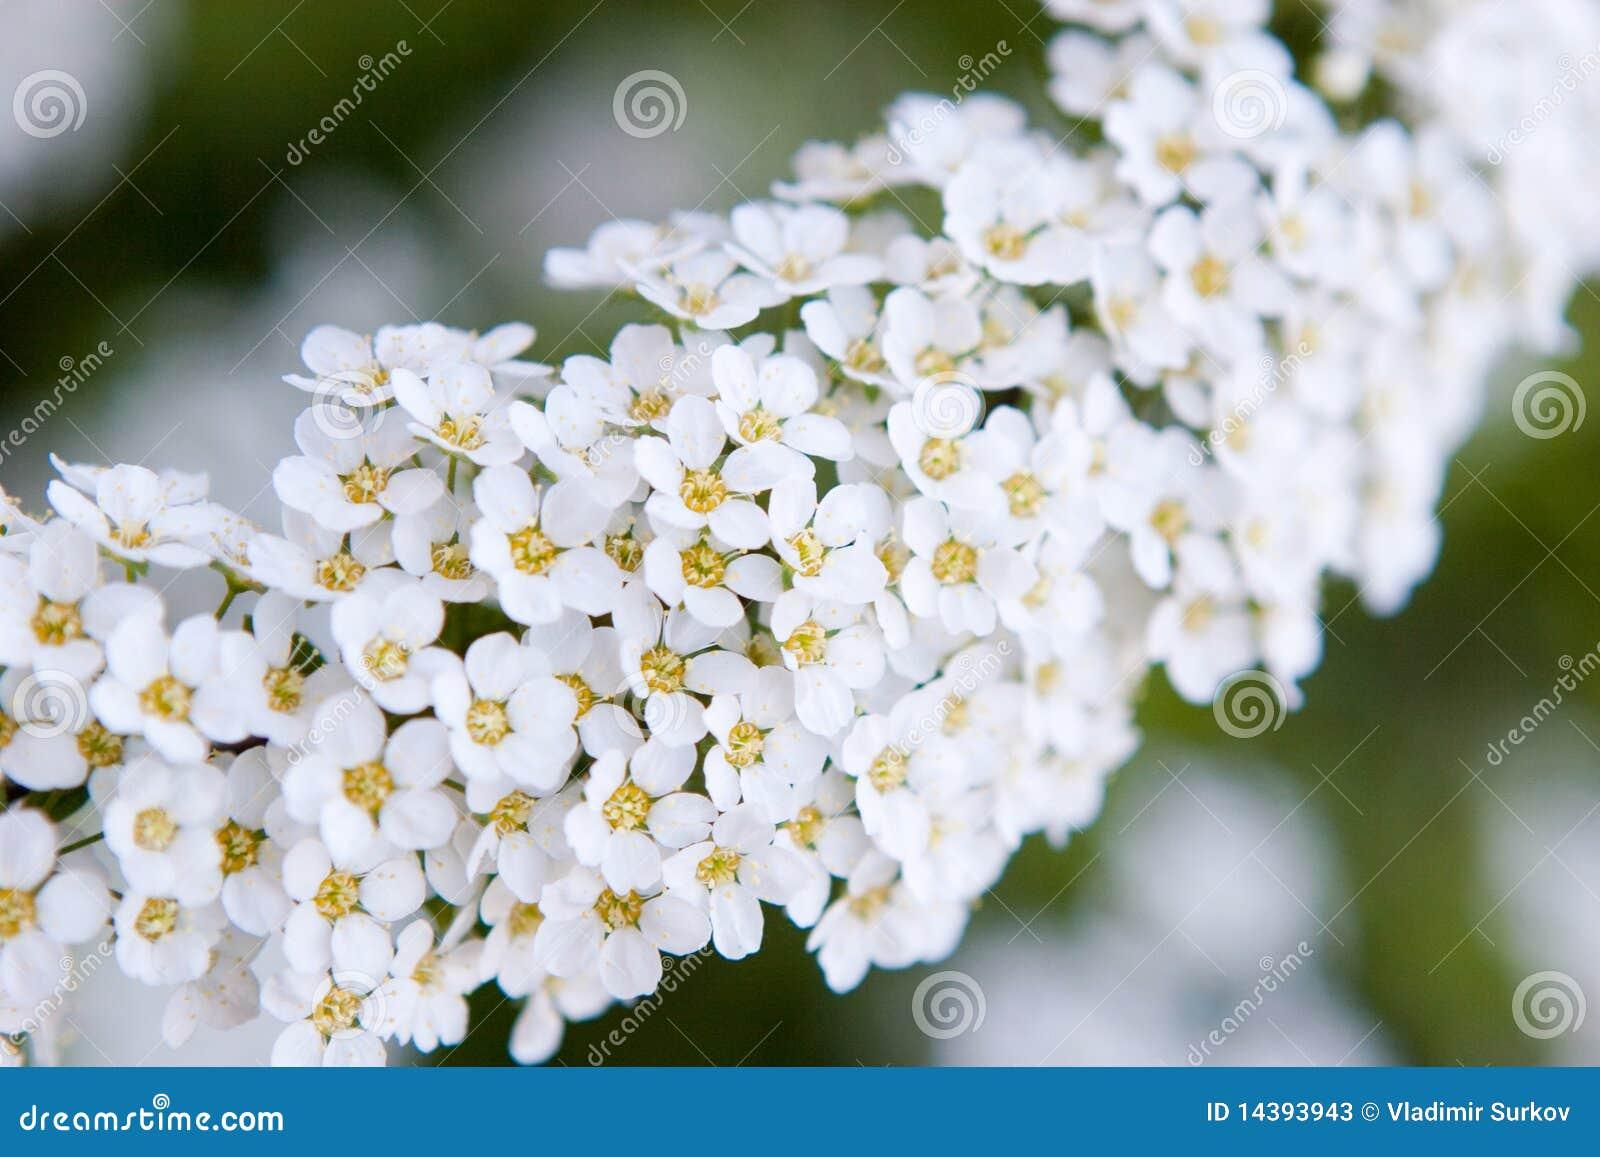 Piccoli fiori bianchi fotografie stock immagine 14393943 for Fiori piccoli bianchi